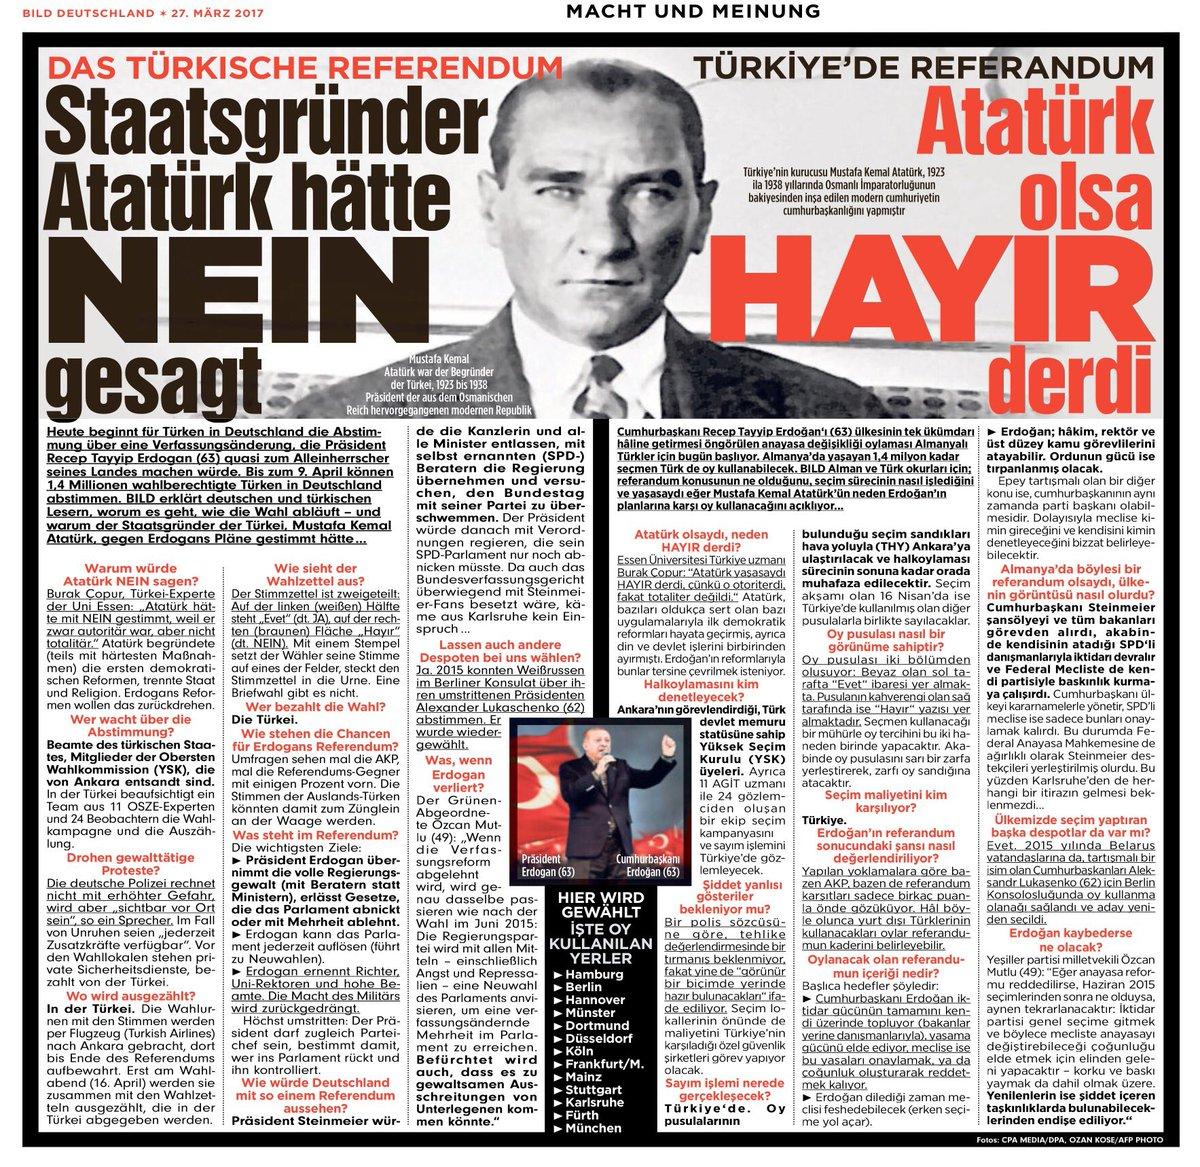 Alman Bild gazetesi: Atatürk olsa hayır derdi